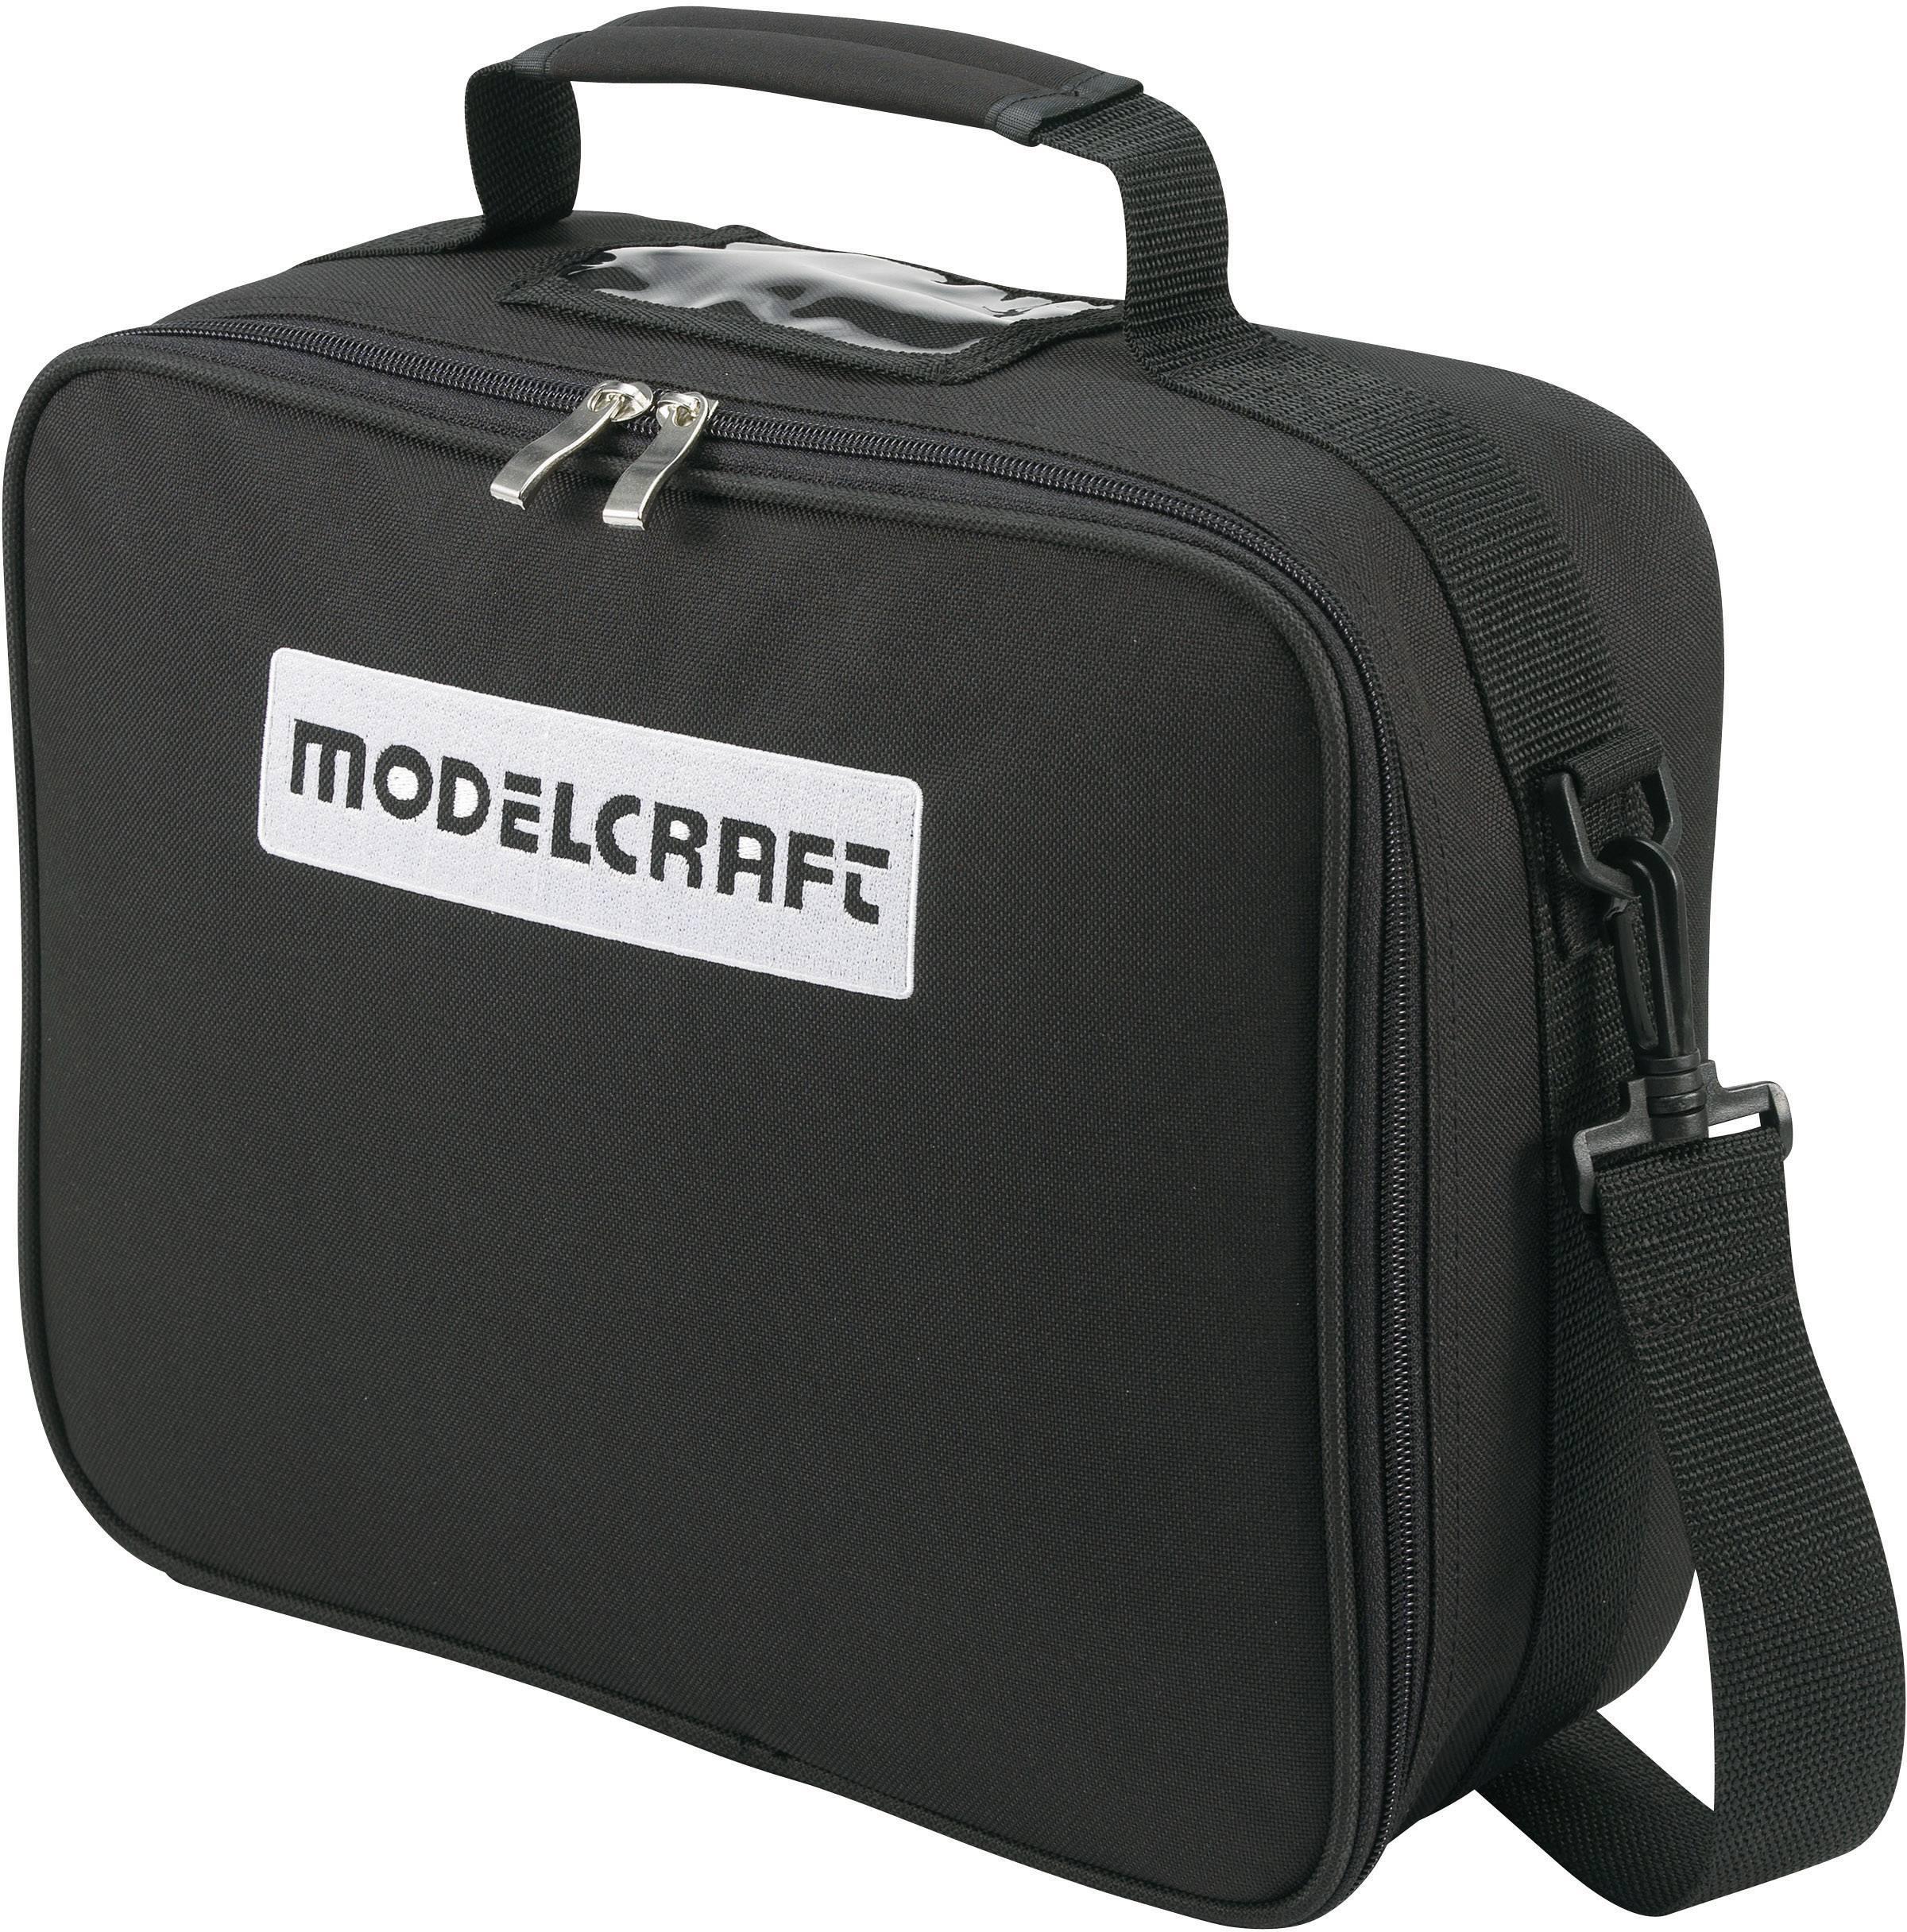 Ukladanie, transport modelov